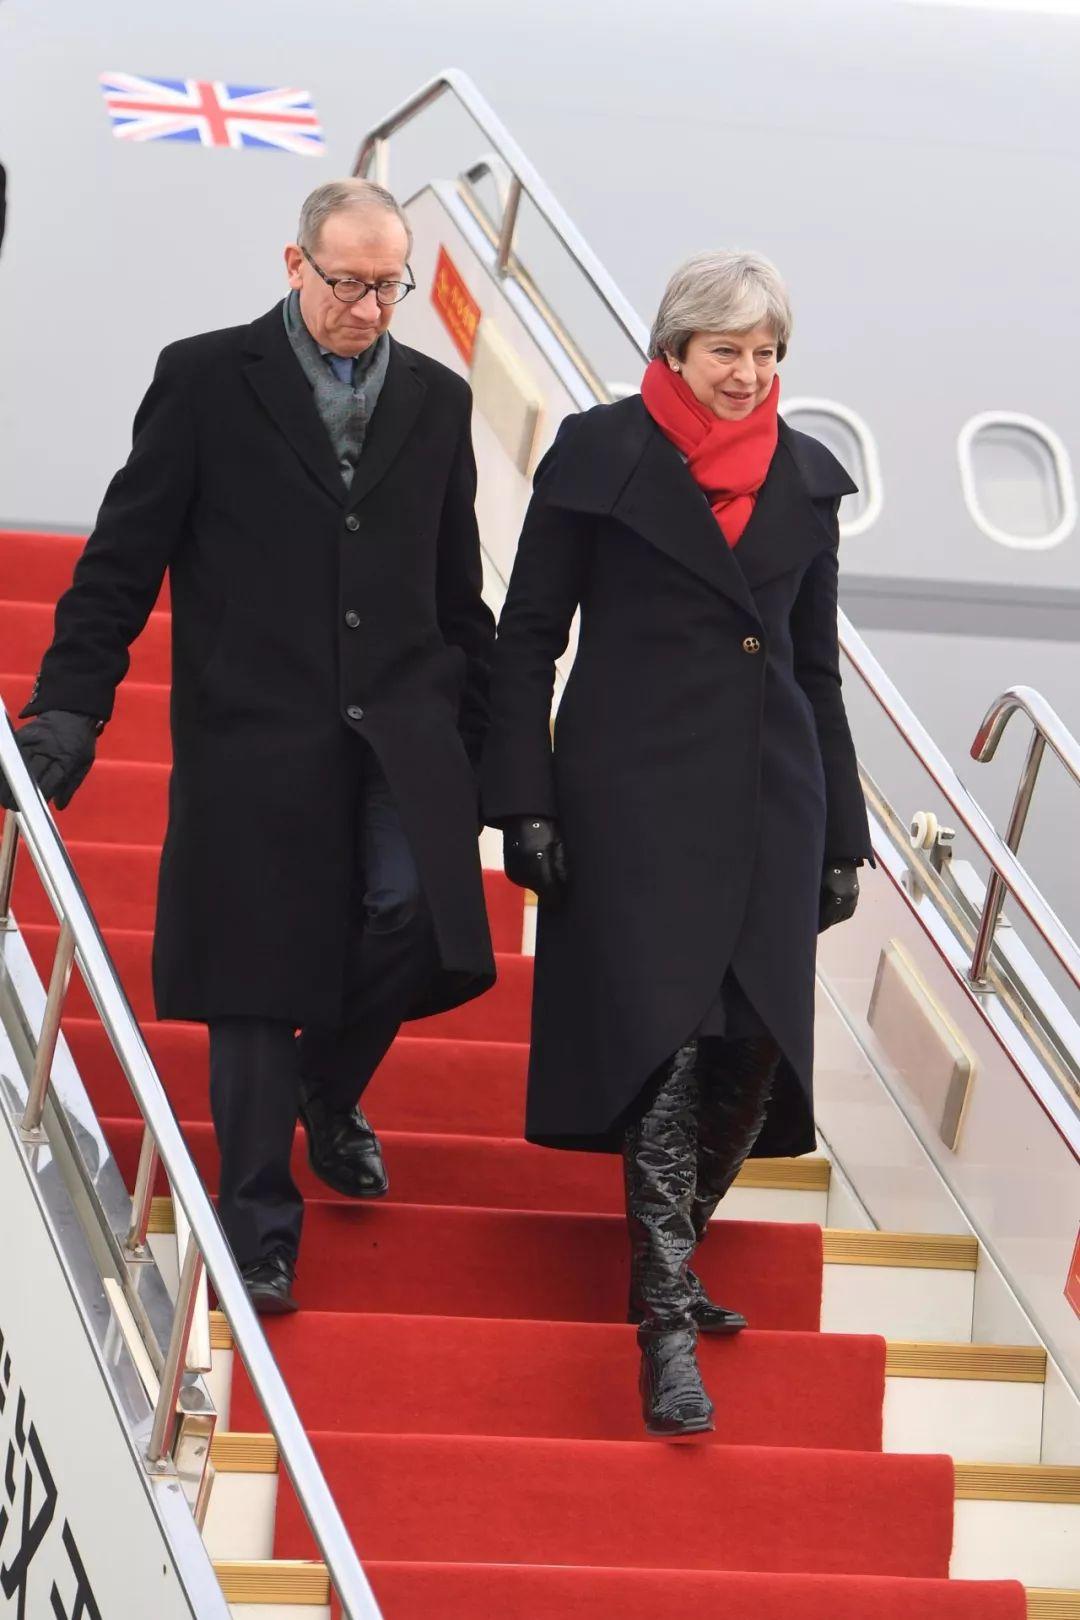 2018年1月31日,英国首相特雷莎・梅抵达武汉。新华社记者肖艺九 摄